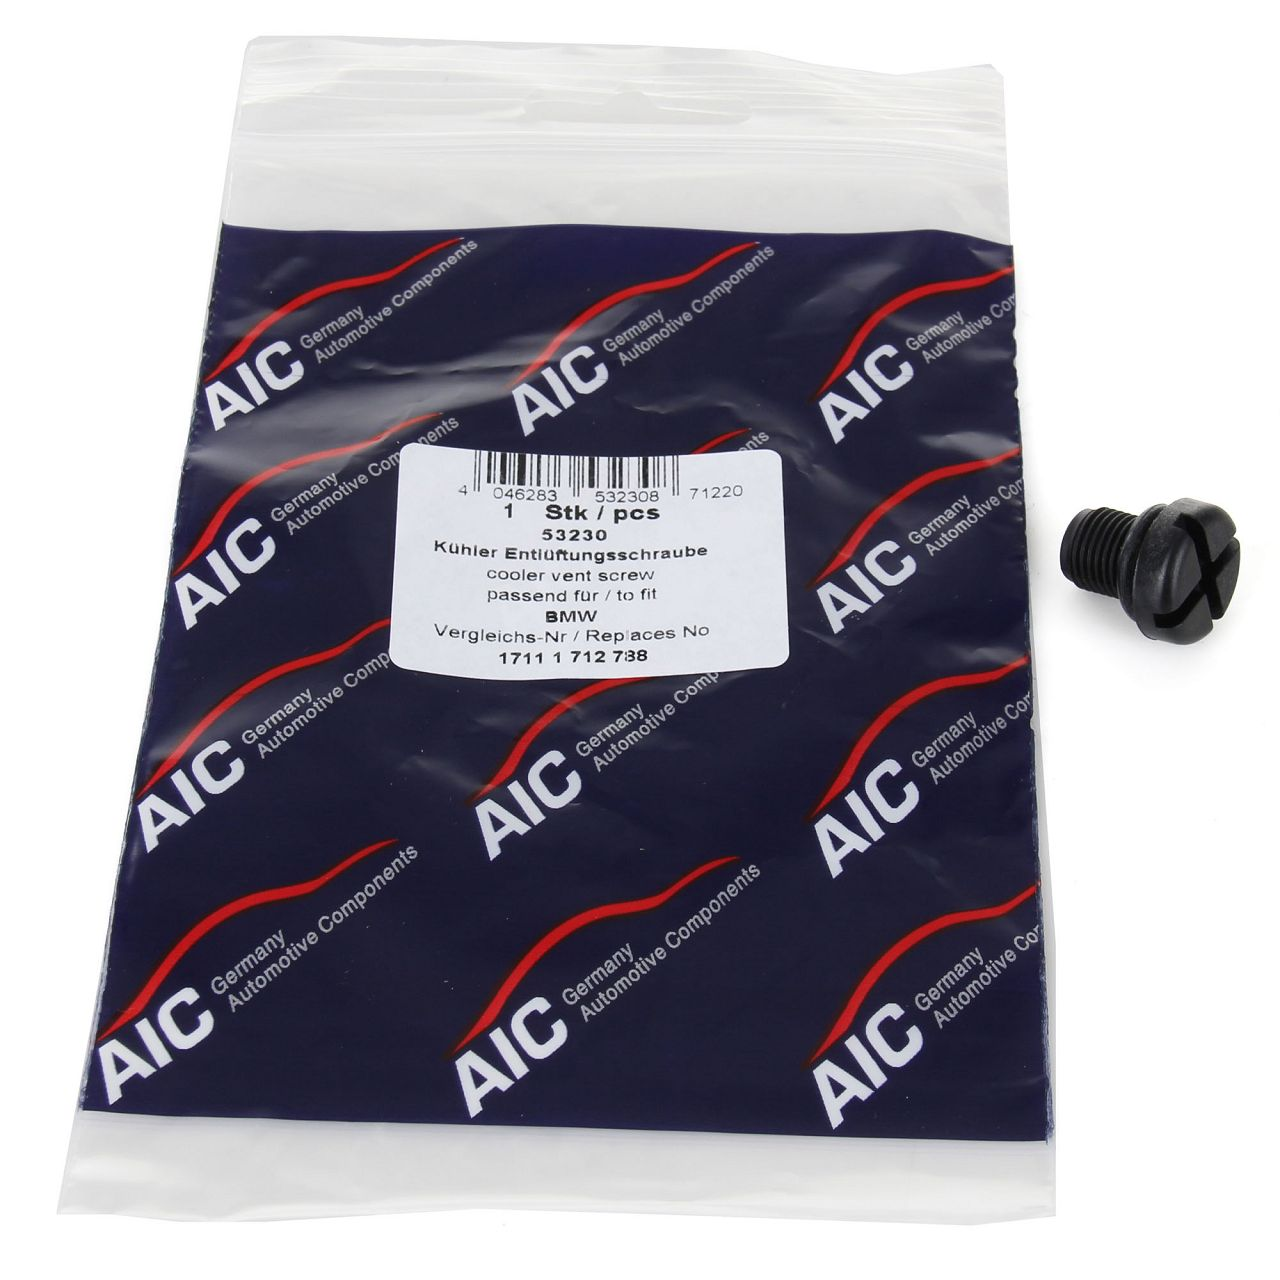 AIC Entlüfterschraube Entlüfterventil Kühler für BMW E81 E36 E46 E90 E91 E34 E39